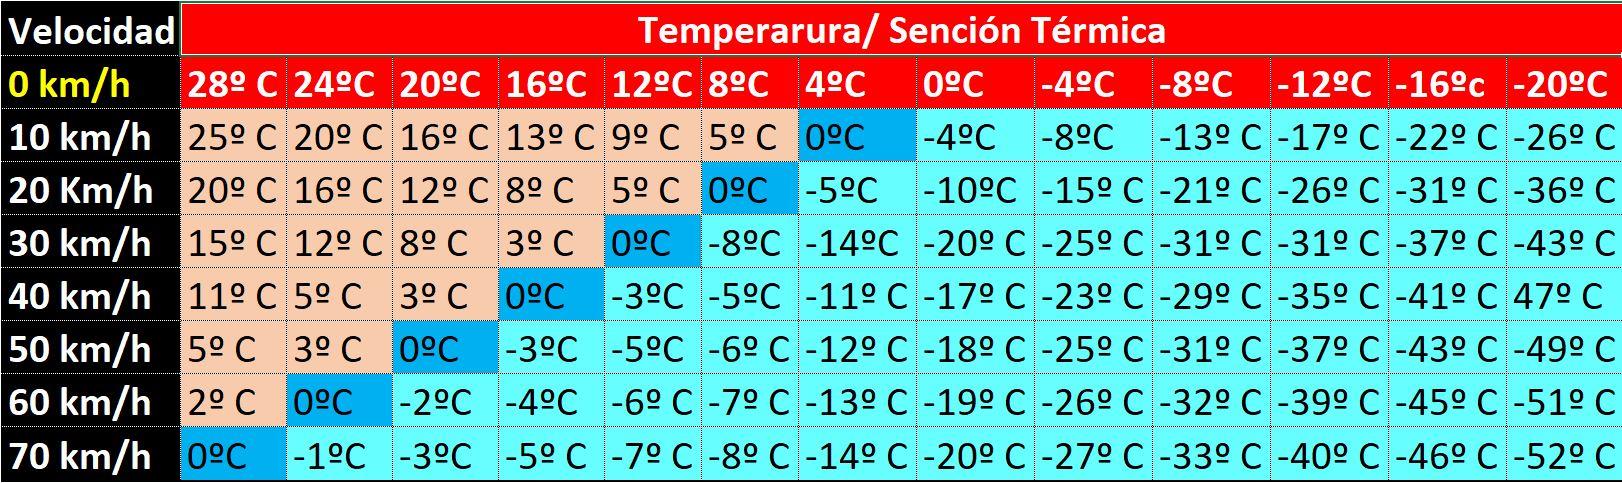 Sensacion termica en Moto